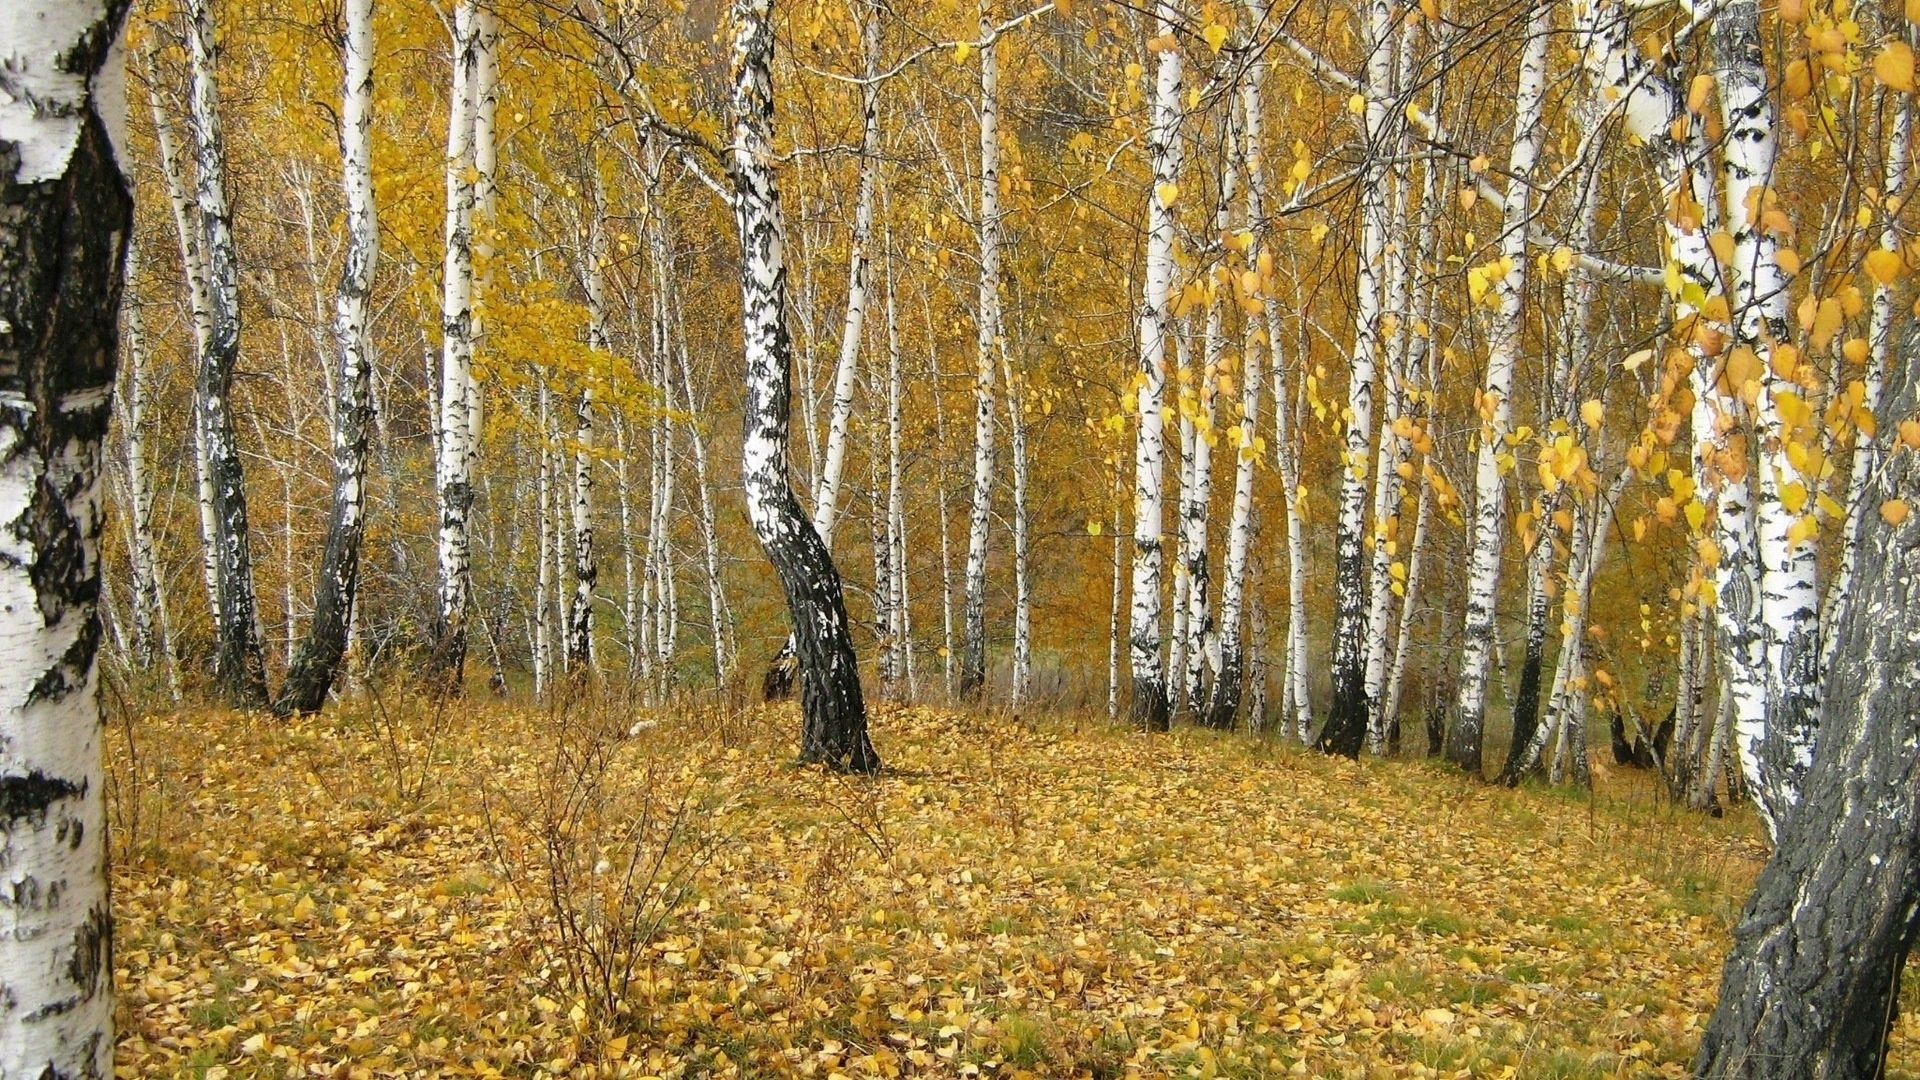 106556 скачать обои Осень, Листопад, Природа, Золото, Березы, Лес, Опушка - заставки и картинки бесплатно